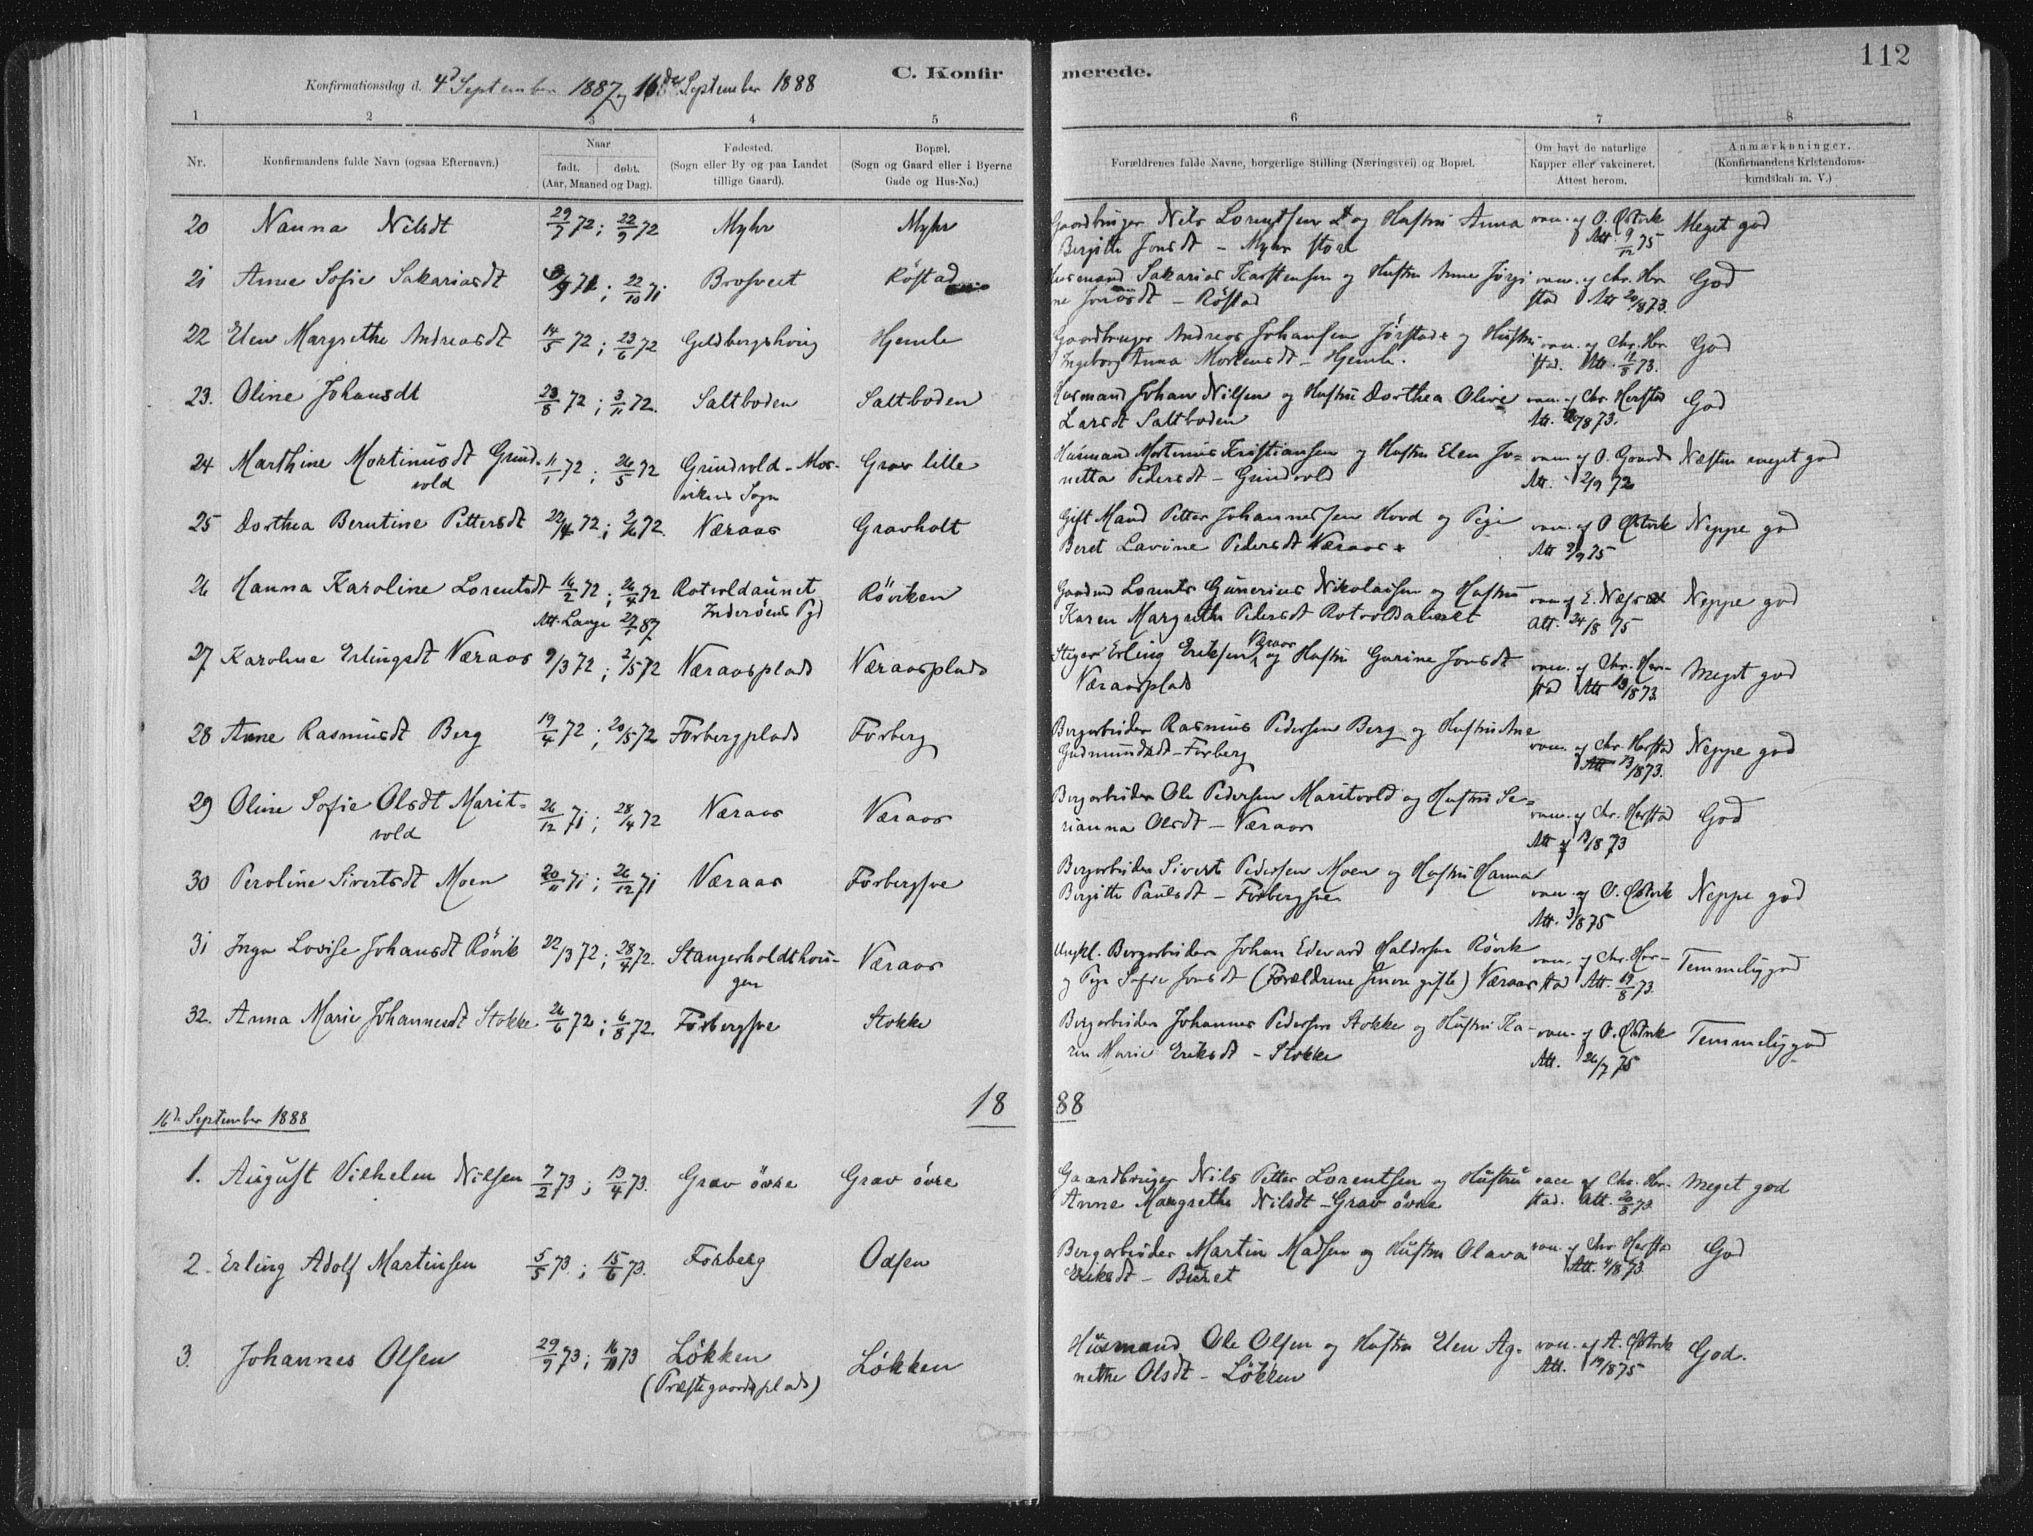 SAT, Ministerialprotokoller, klokkerbøker og fødselsregistre - Nord-Trøndelag, 722/L0220: Ministerialbok nr. 722A07, 1881-1908, s. 112